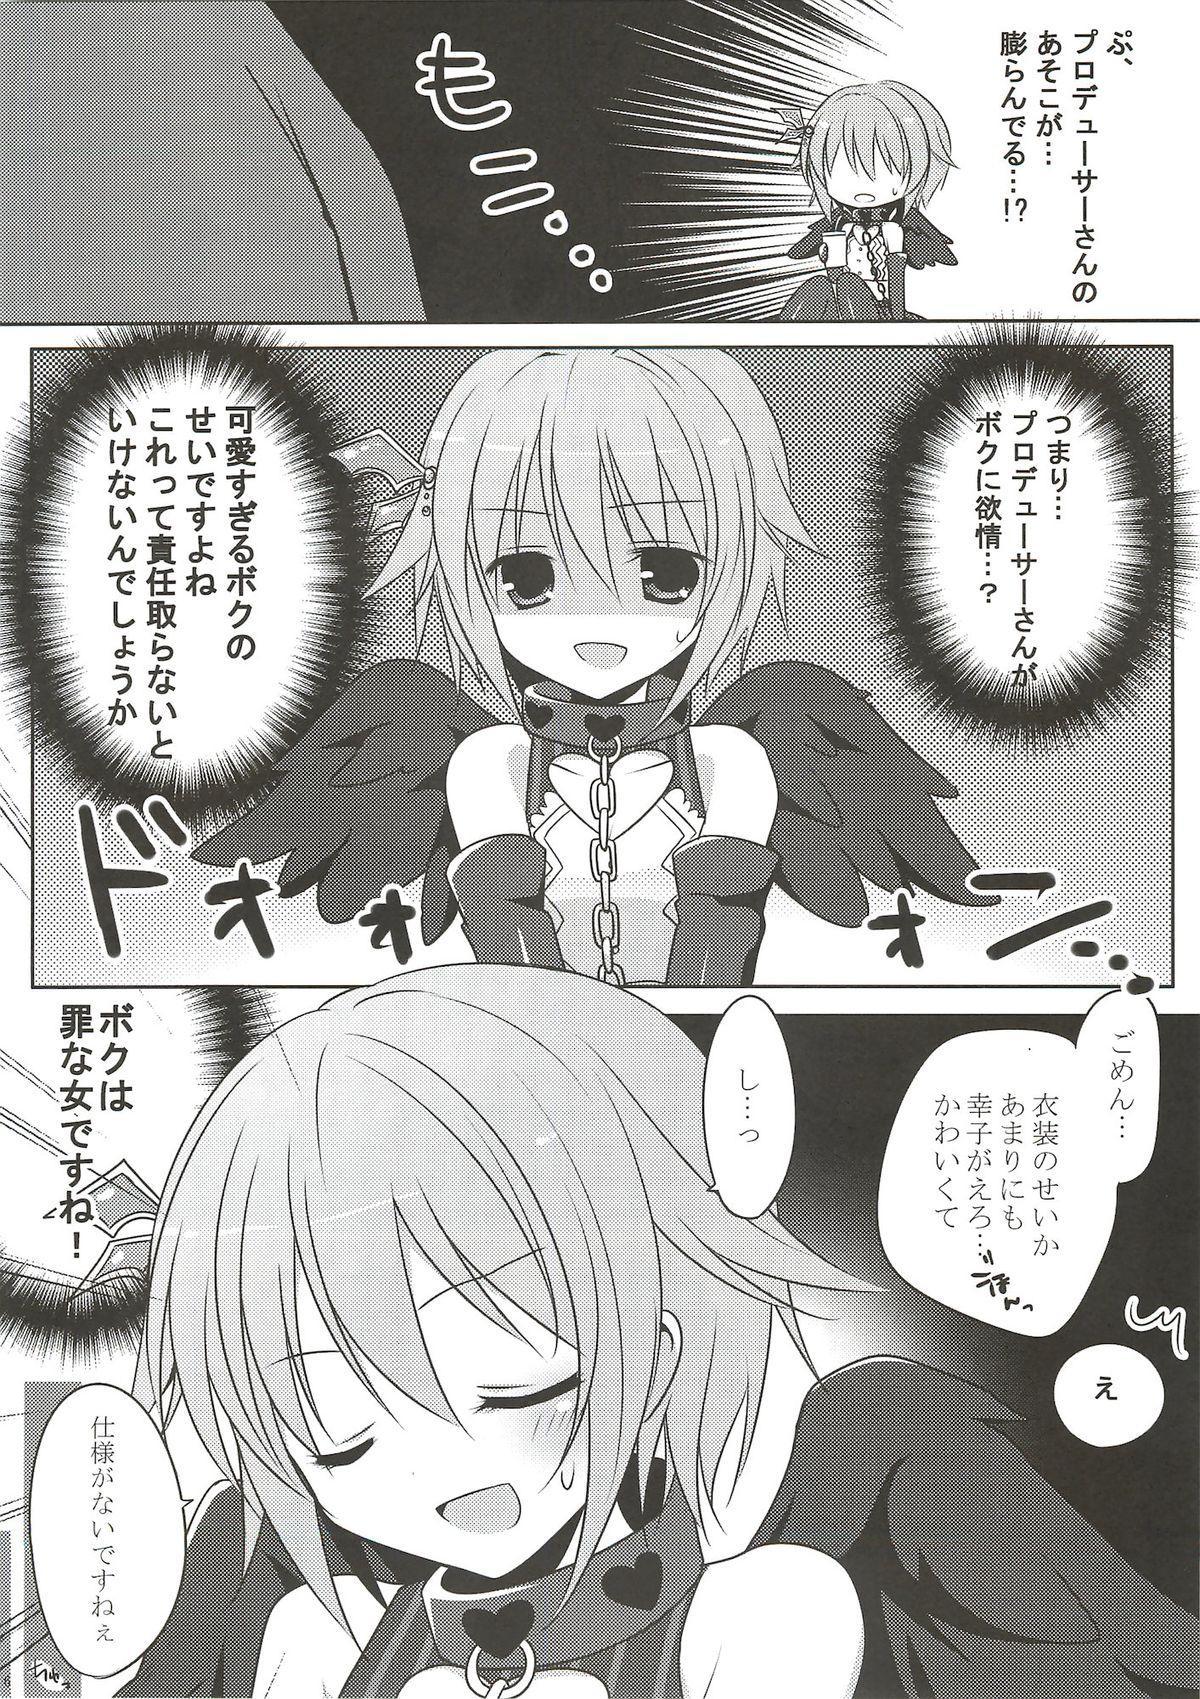 Pretty idol 5